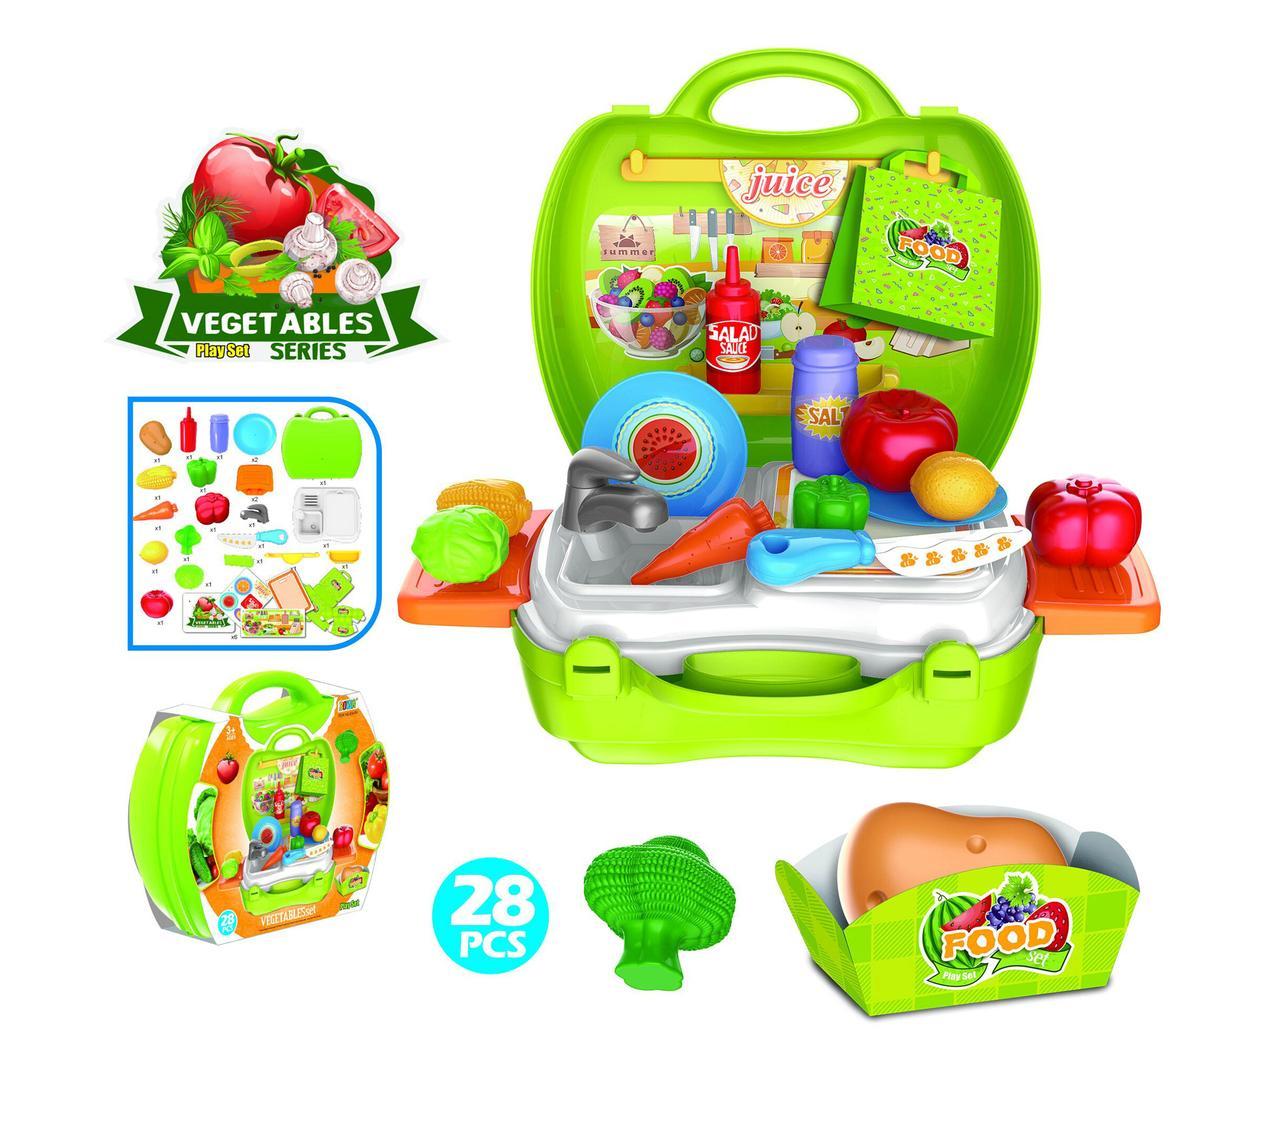 Набор игрушечный с овощами в чемодане, 28 элементов